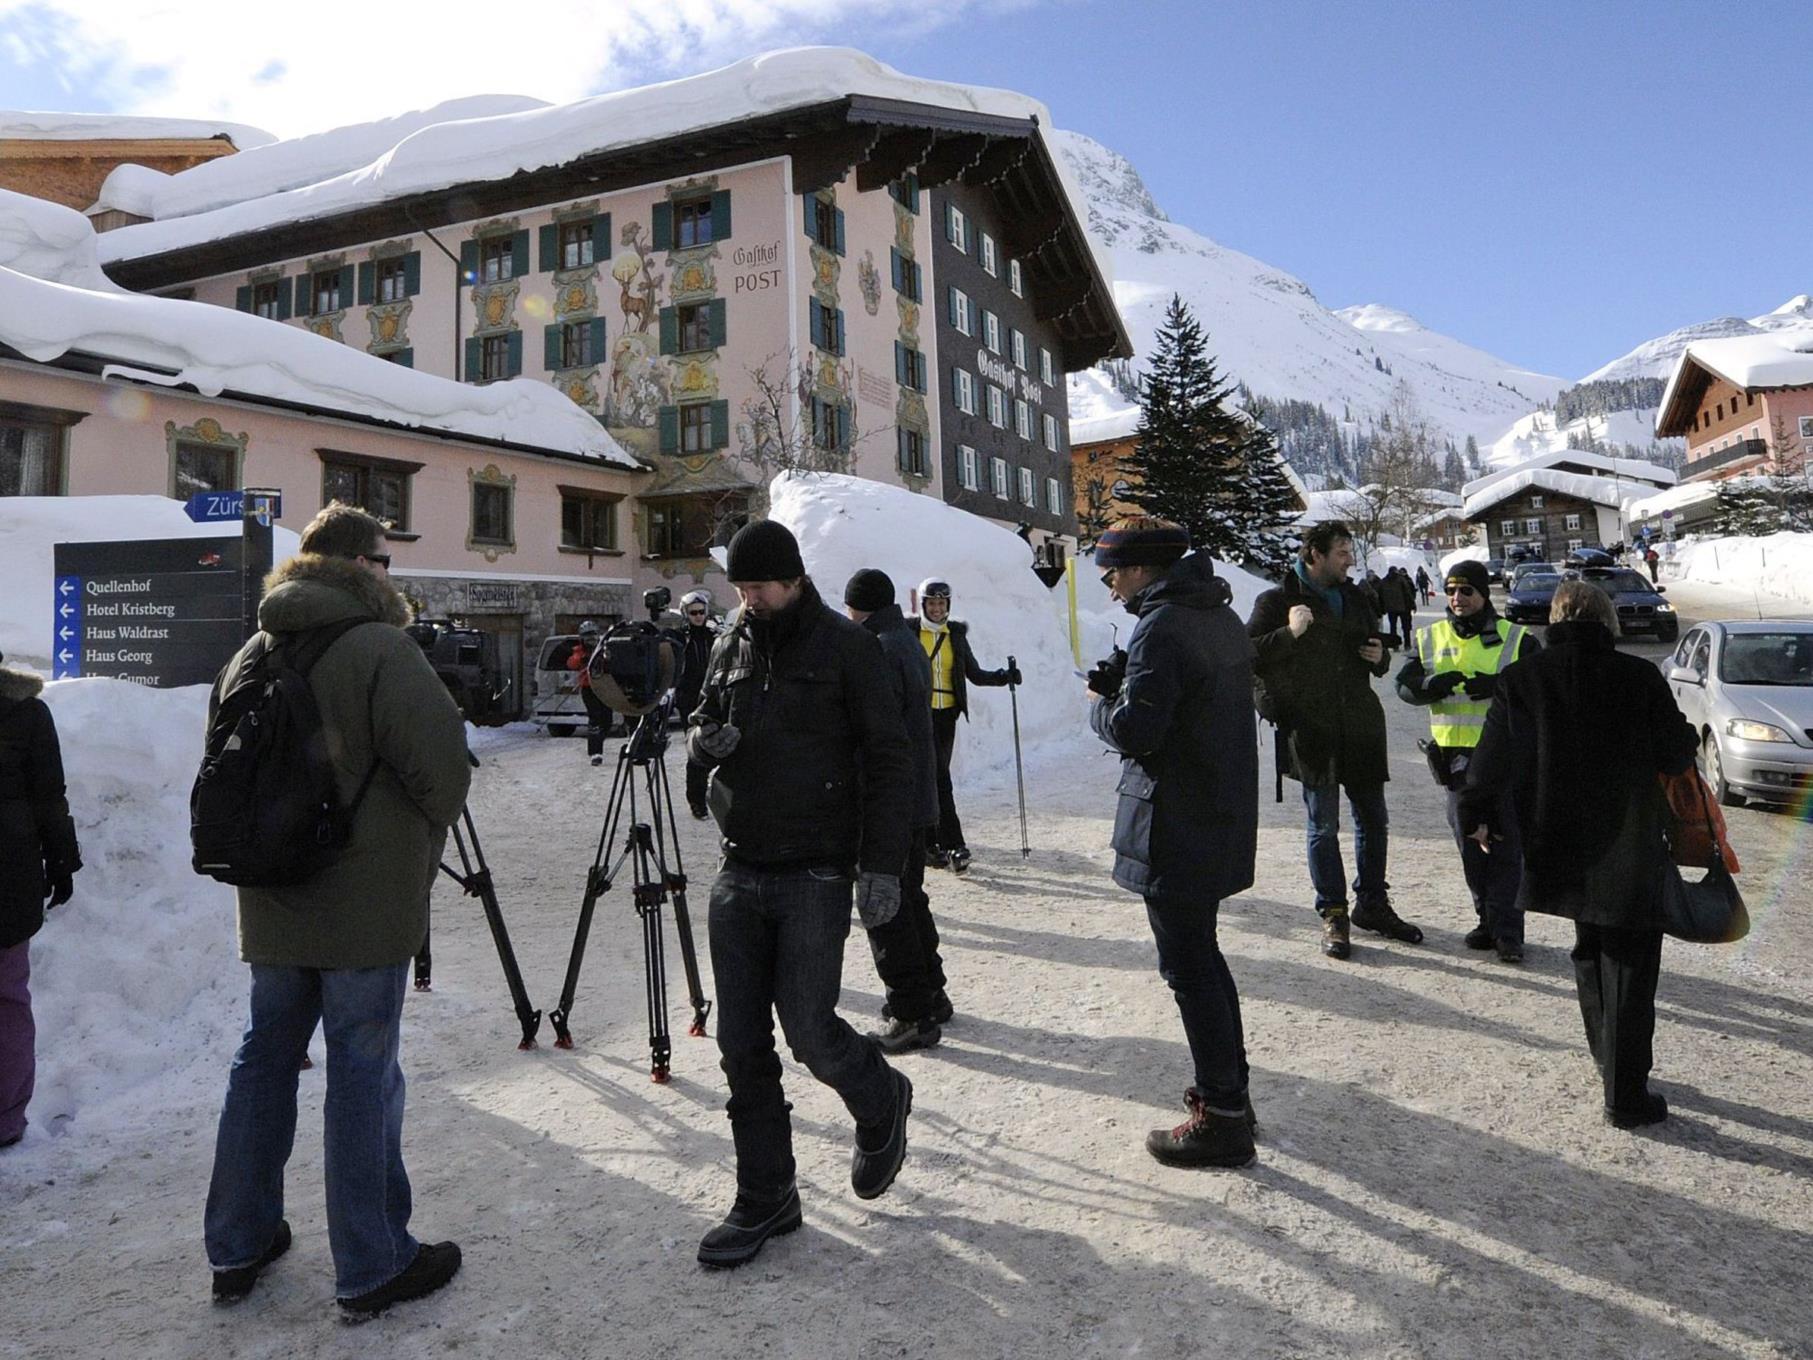 Nach dem großen Medienrummel am Wochenende kehrt wieder etwas Normalität in Lech ein.